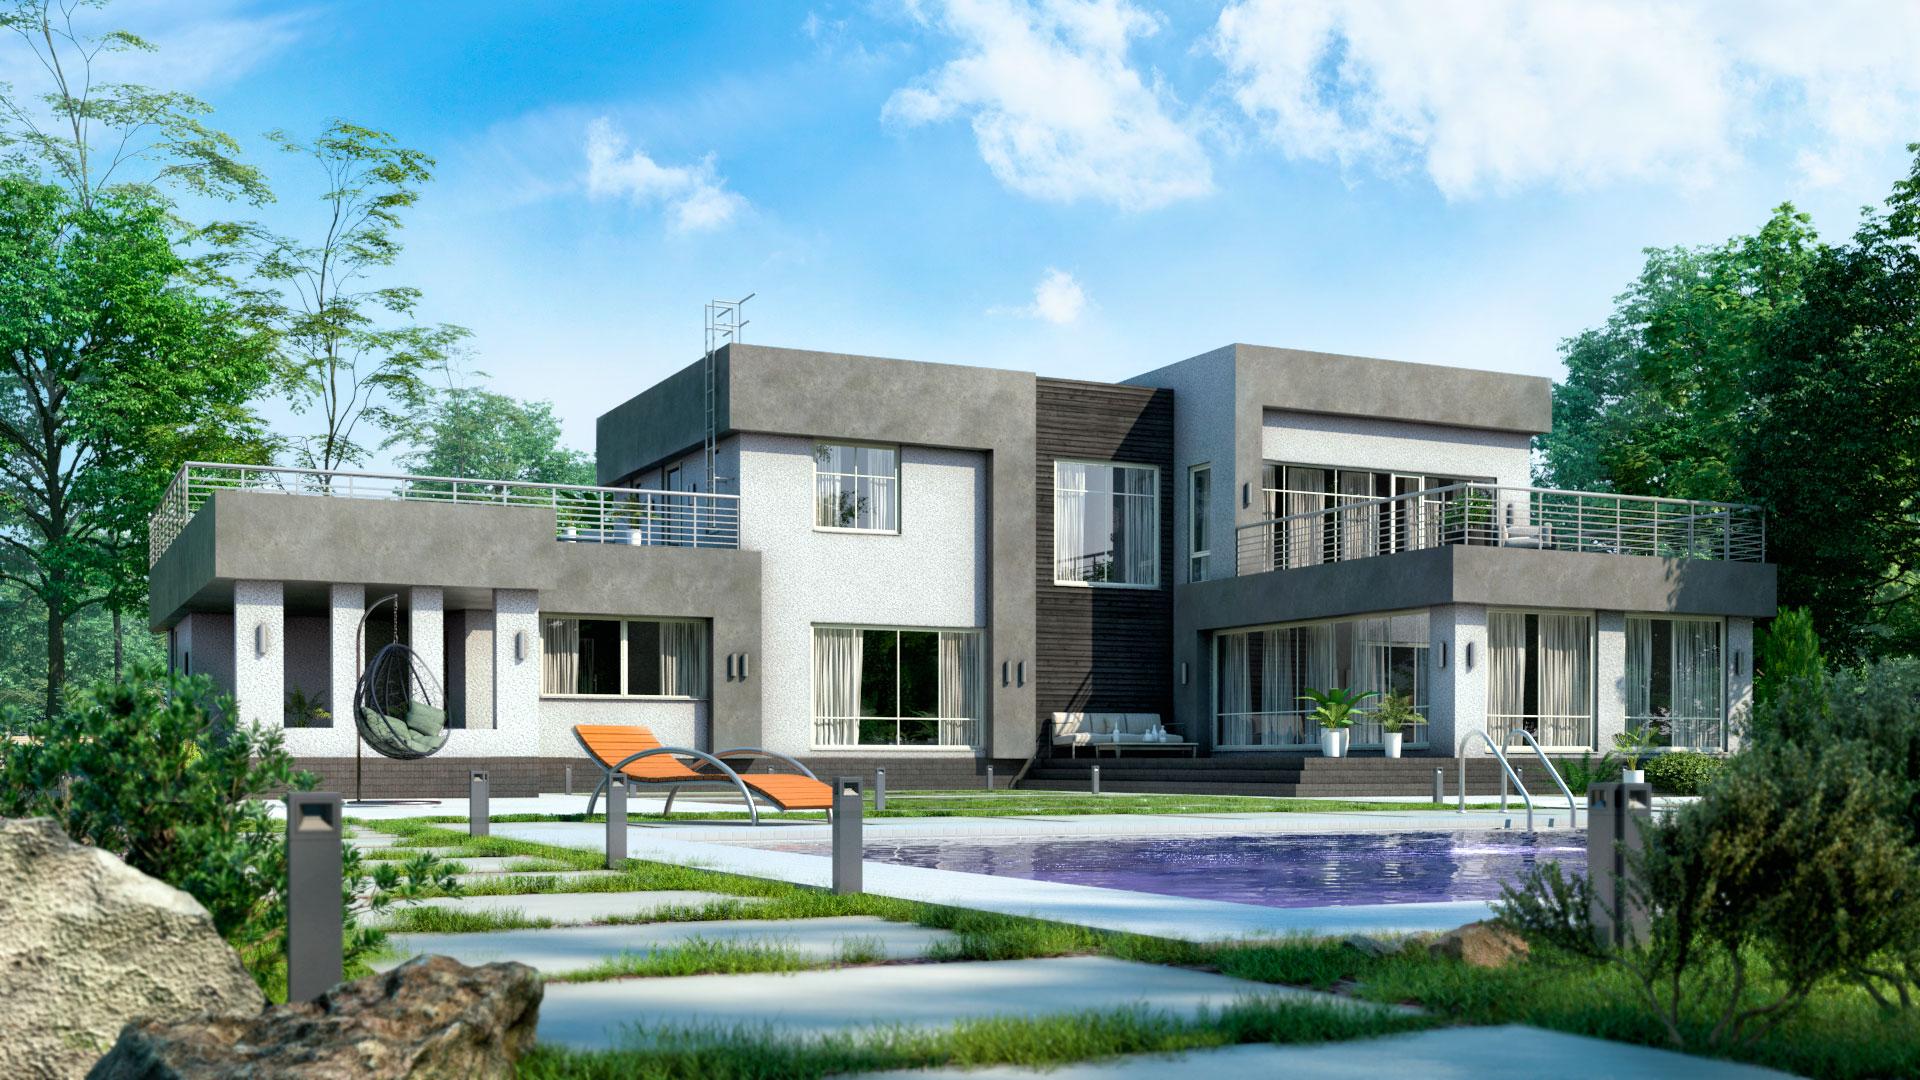 Задний фасад двухэтажного дома с плоской крышей, 447,40 м2. Проект БЭНПАН-605.